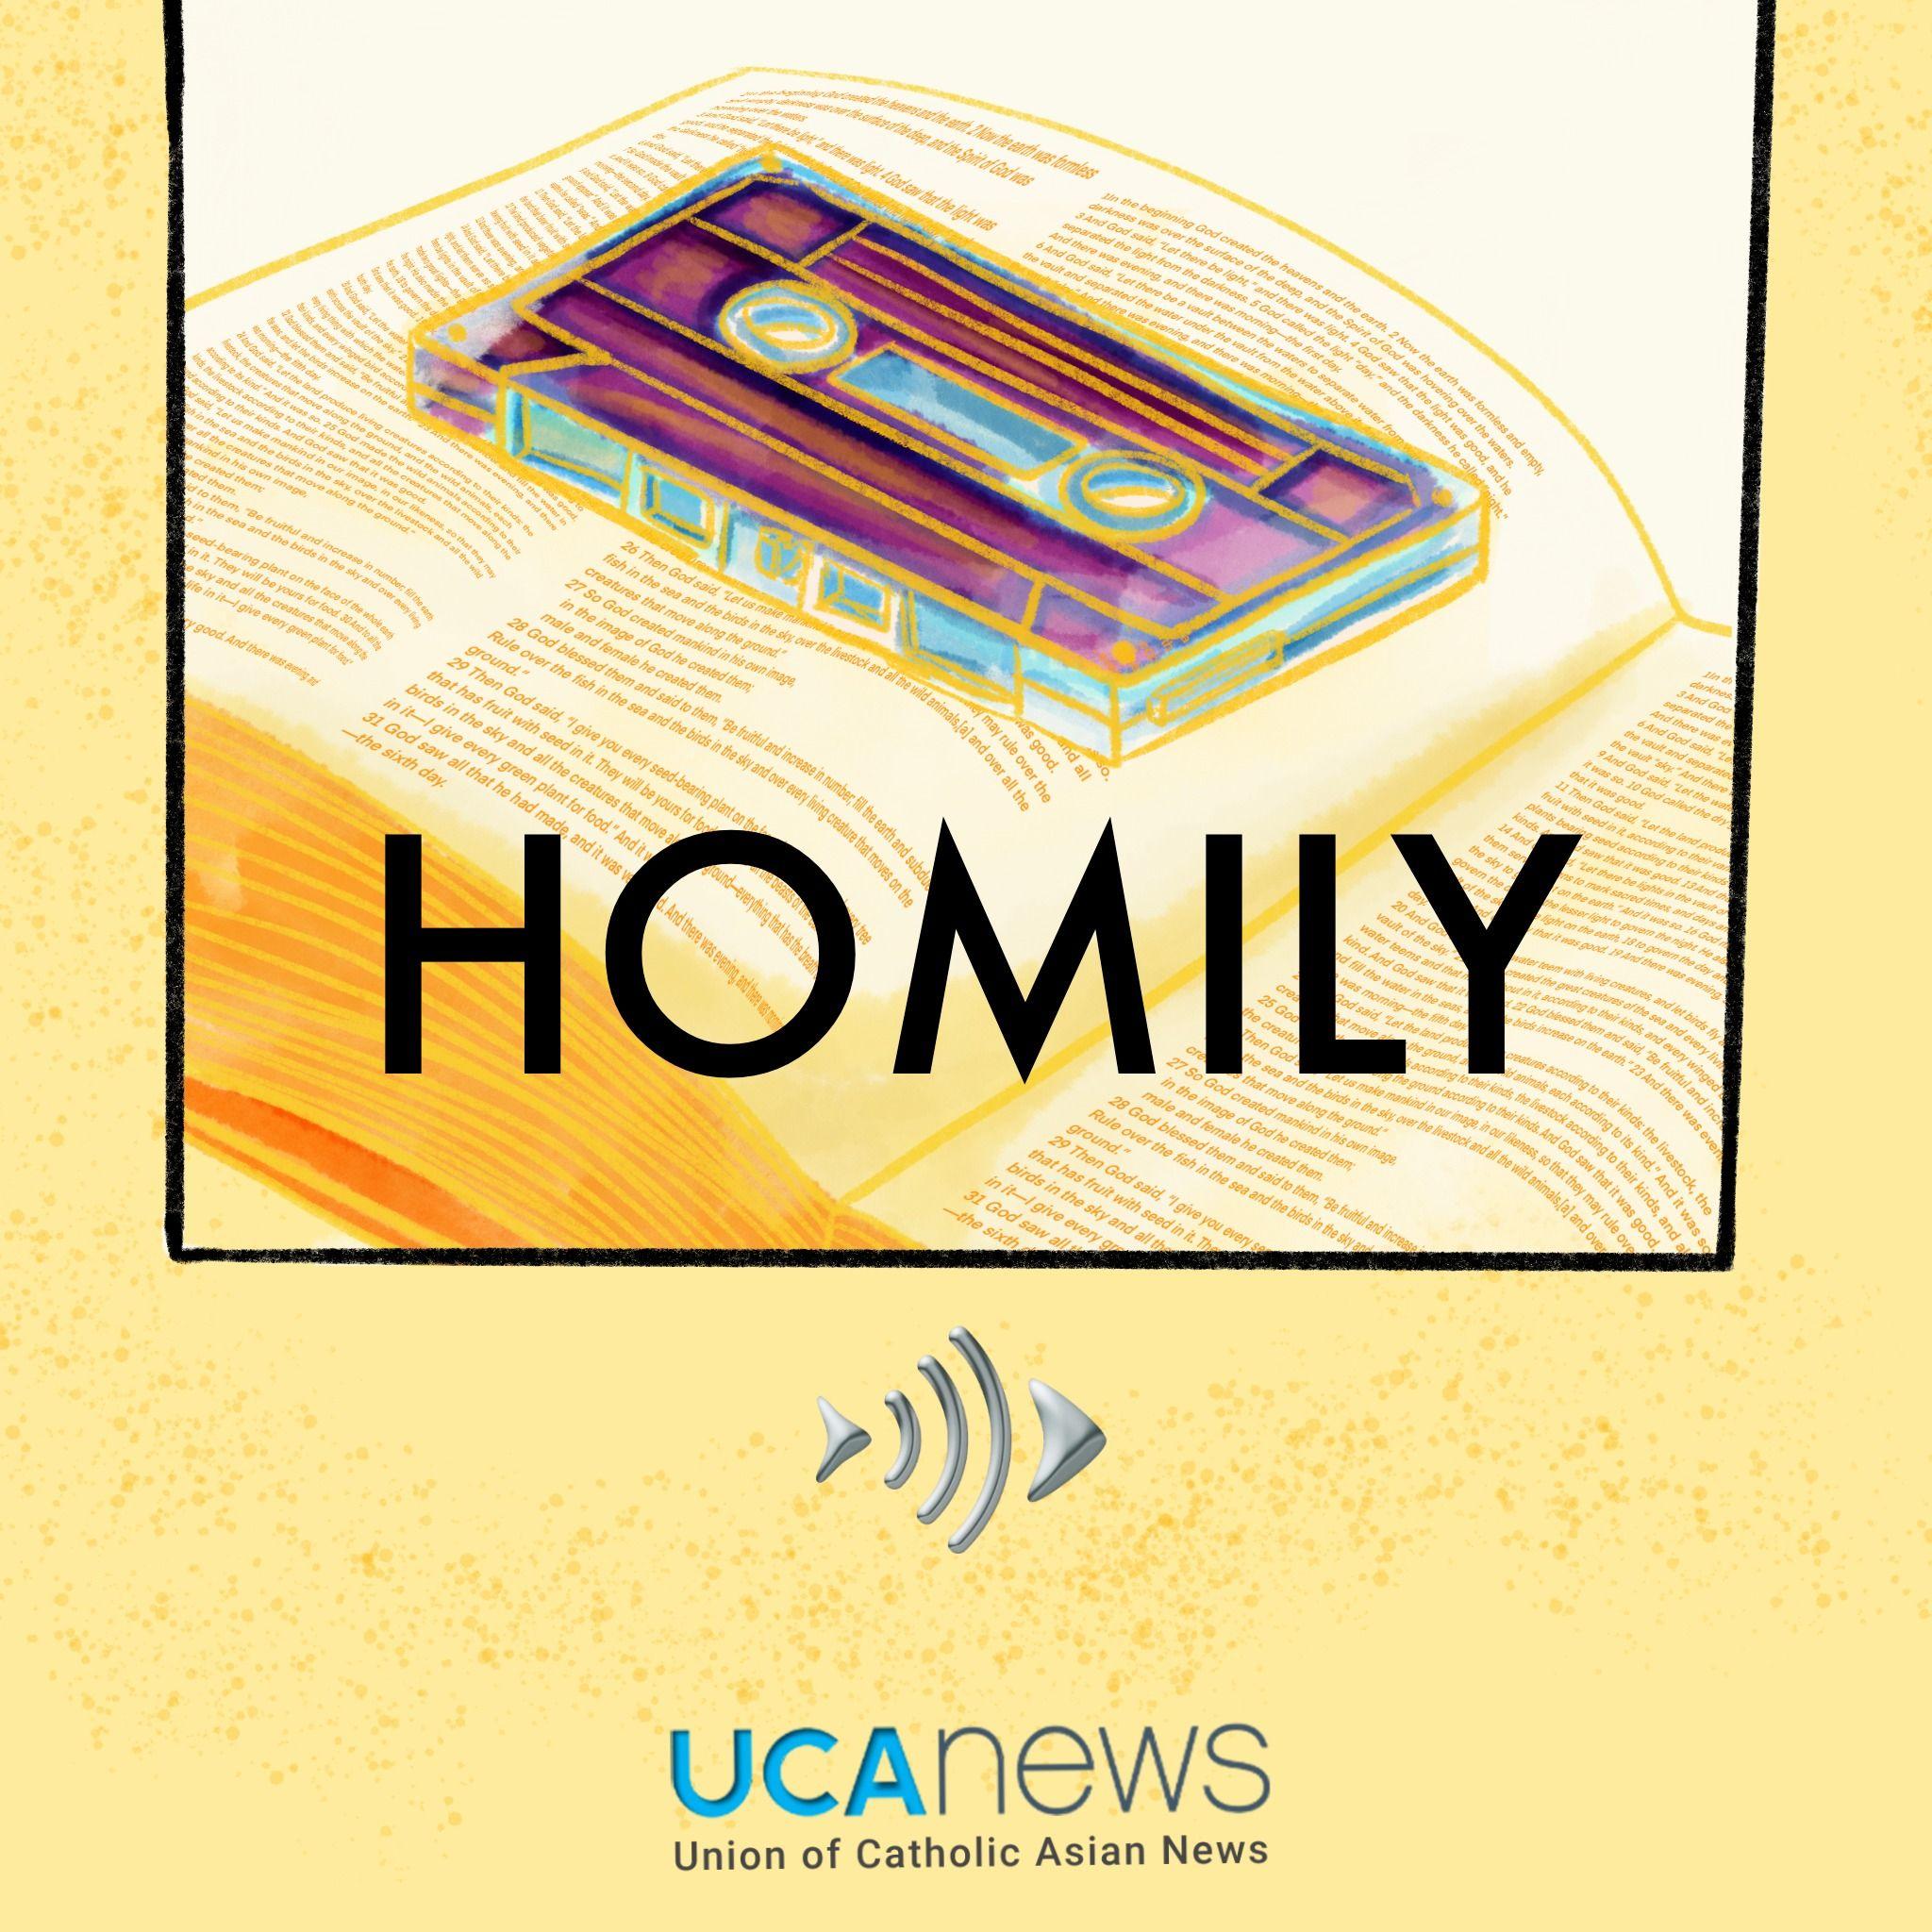 Homilies: Trinity Sunday (B) May 30, 2021